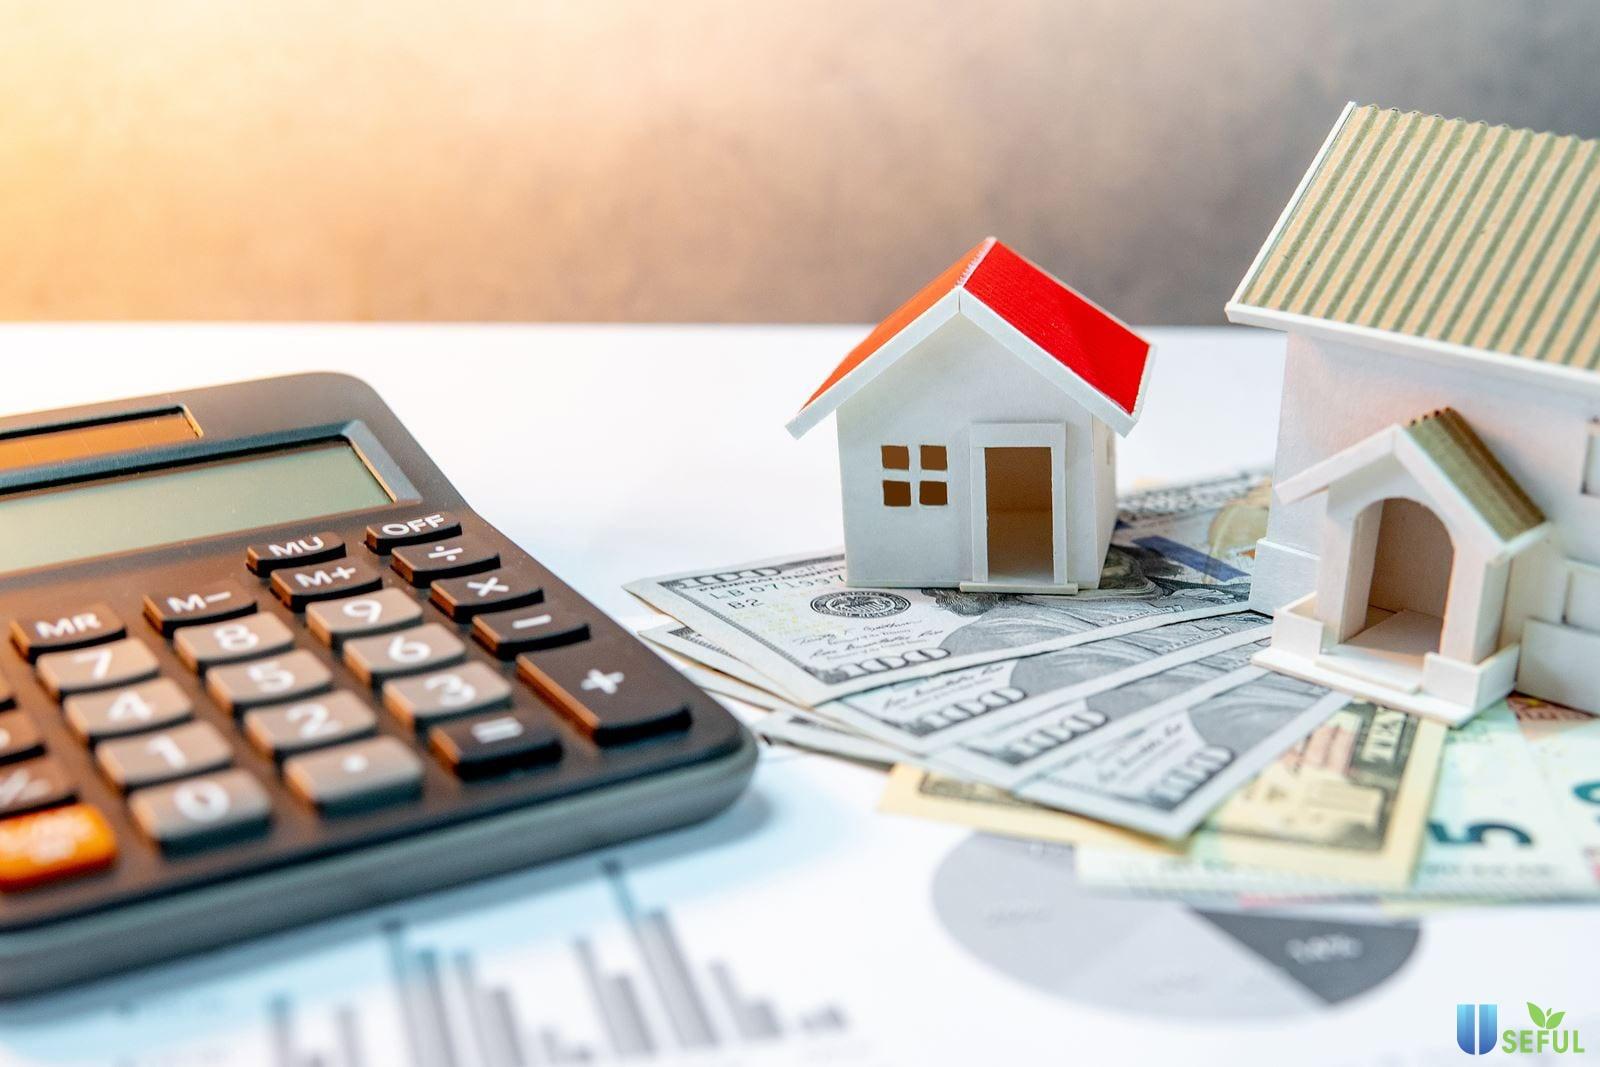 CẬP NHẬT] Lãi Suất Vay Mua Nhà Tại Ngân Hàng Tháng 3/2021